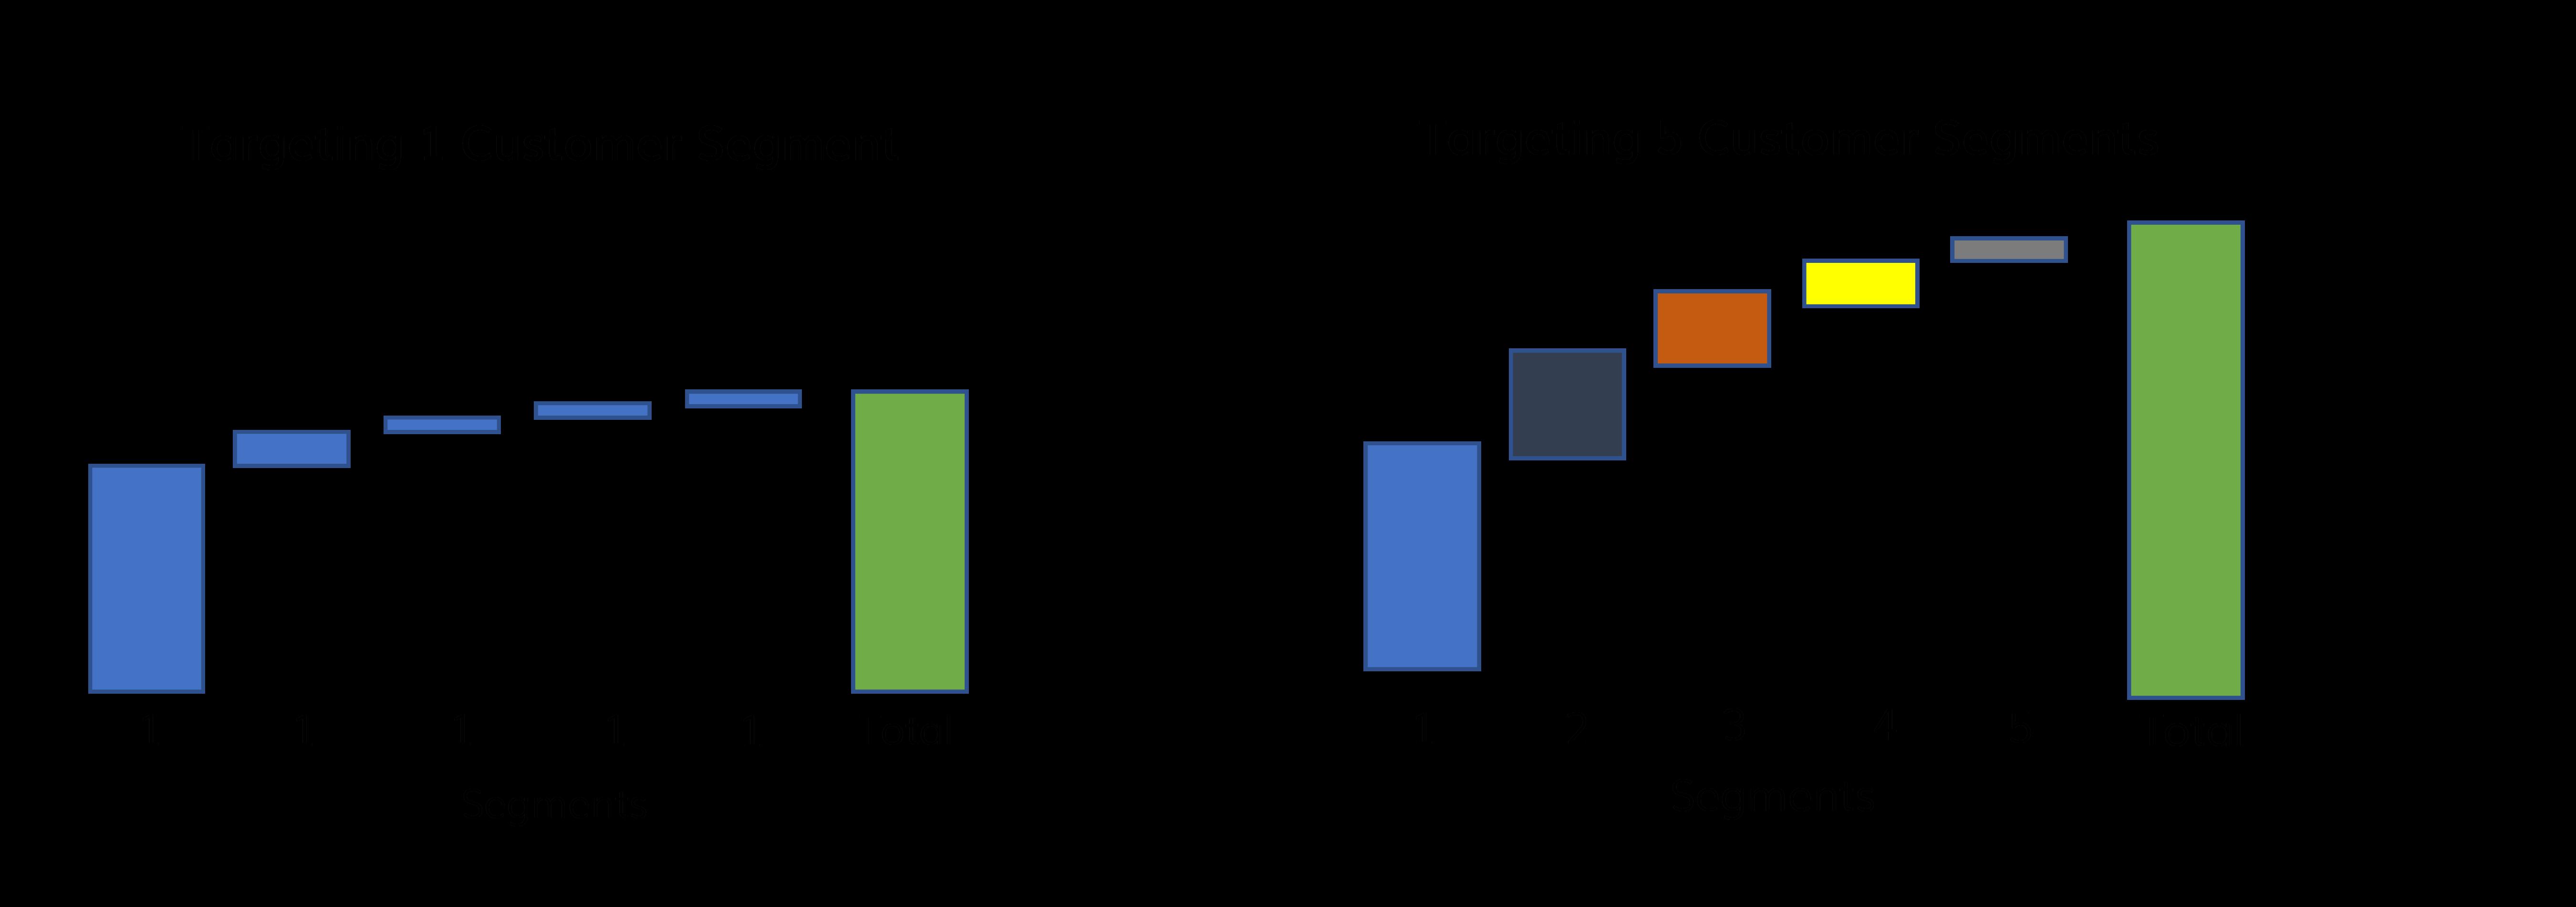 Customer Segments Comparison